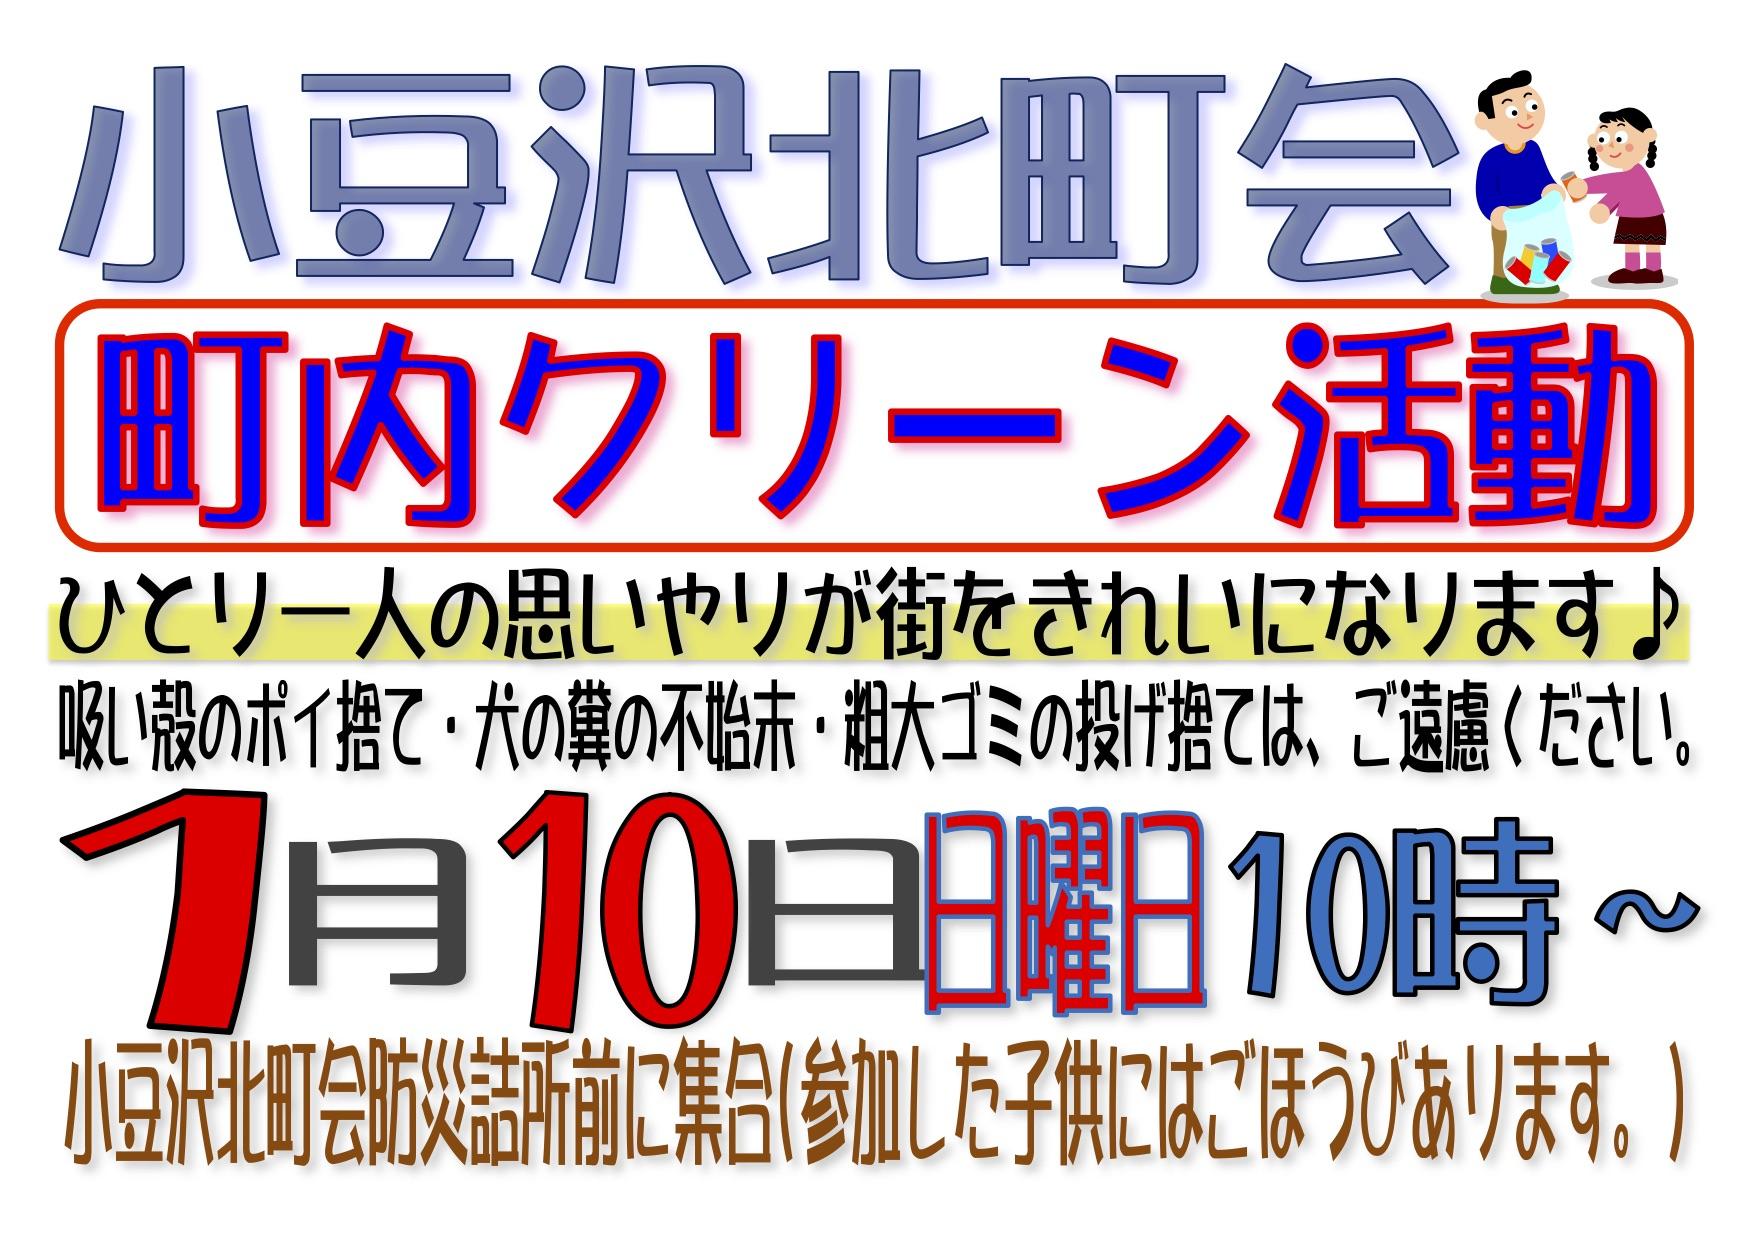 2016-01-10町会クリーン活動